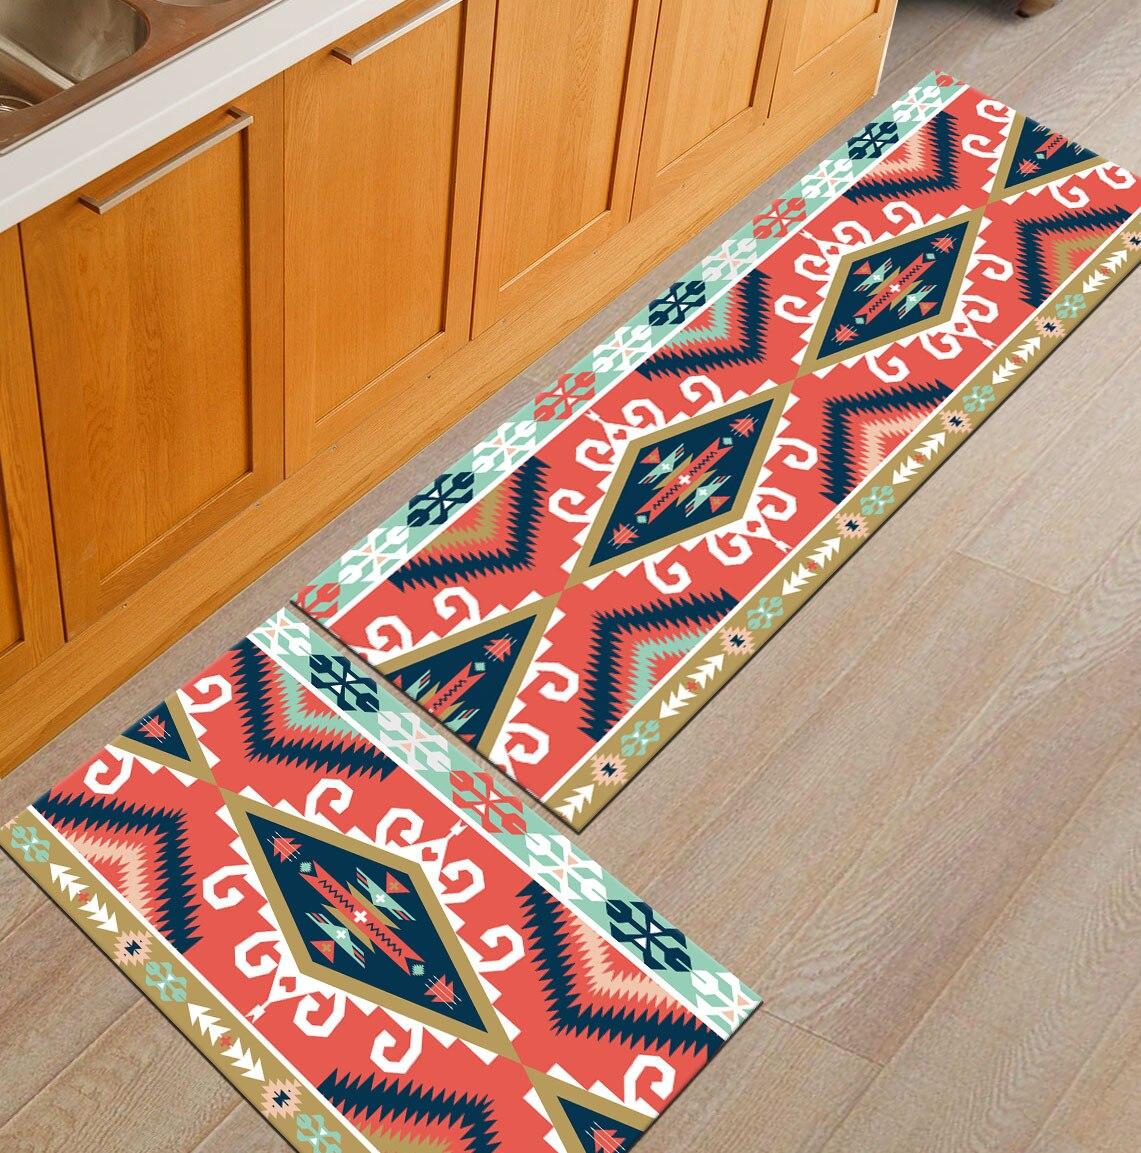 Современный геометрический Коврик для кухни, Противоскользящий коврик для ванной комнаты, домашний Коврик для прихожей/прихожей, коврик для шкафа/балкона, креативный ковер - Цвет: 5